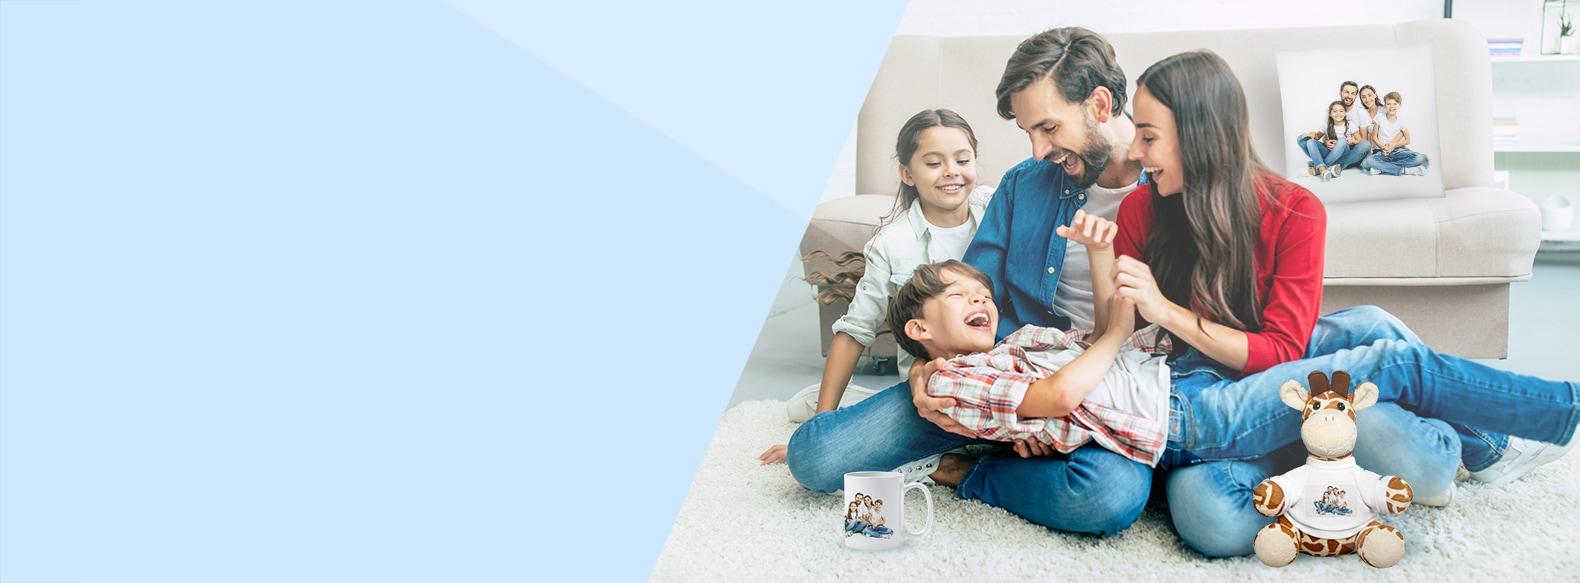 Gelukkige familie met verschillende gepersonaliseerde fotogeschenken